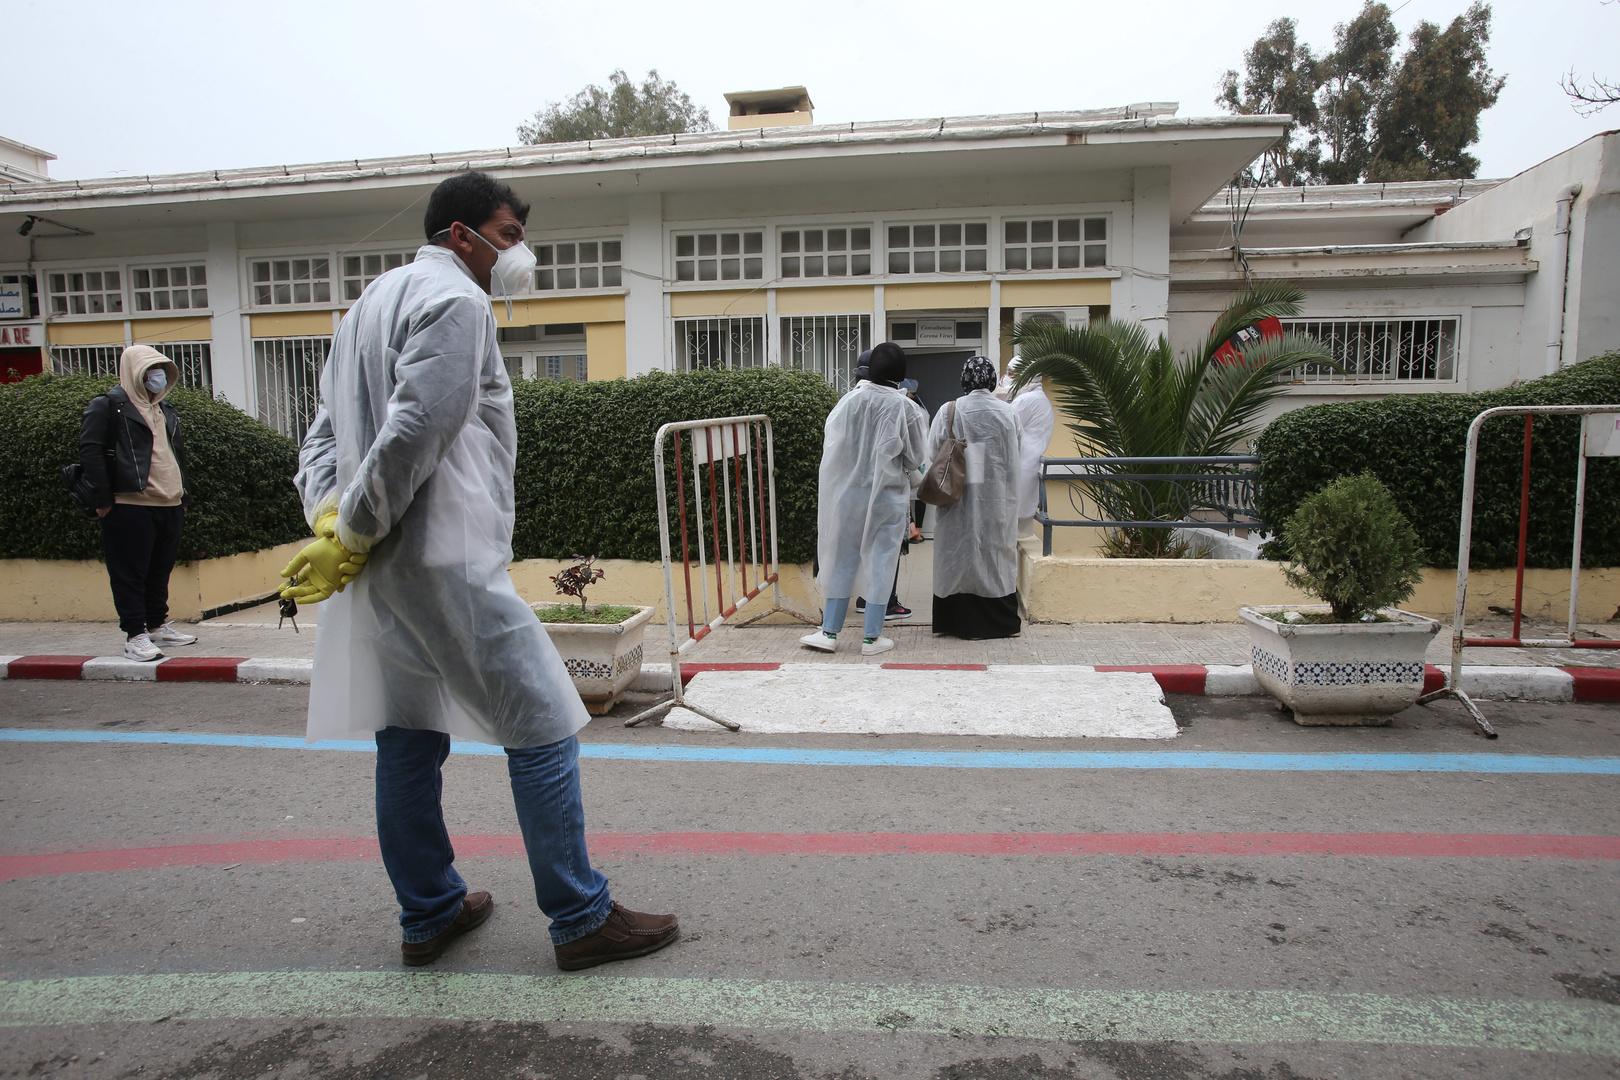 المغرب يسجل 844 إصابة جديدة بكورونا و9 وفيات